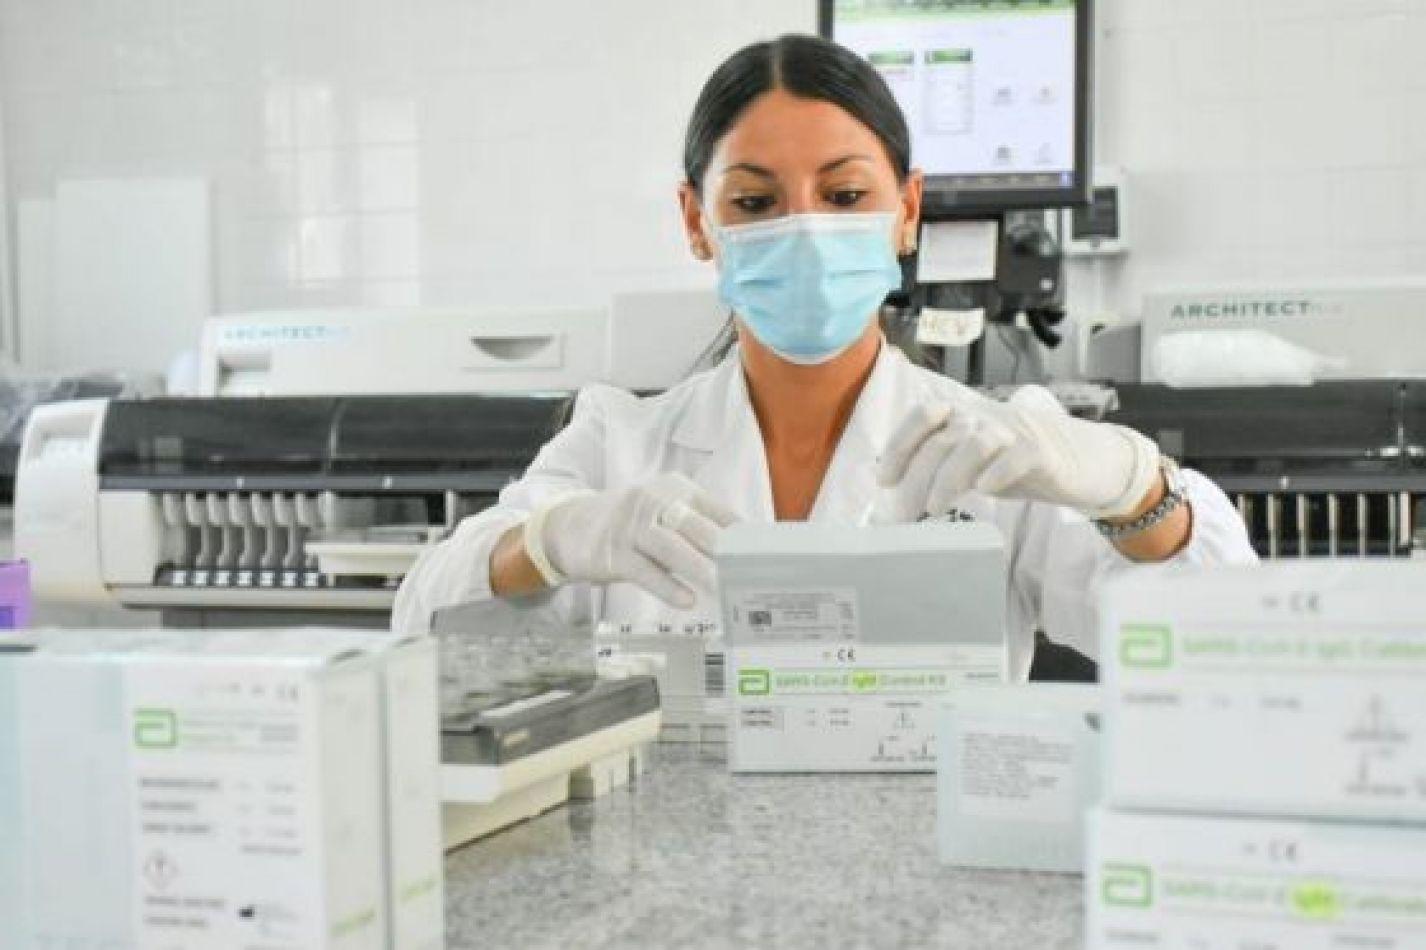 Se registraron 433 nuevos casos y 21 muertes por coronavirus en la provincia